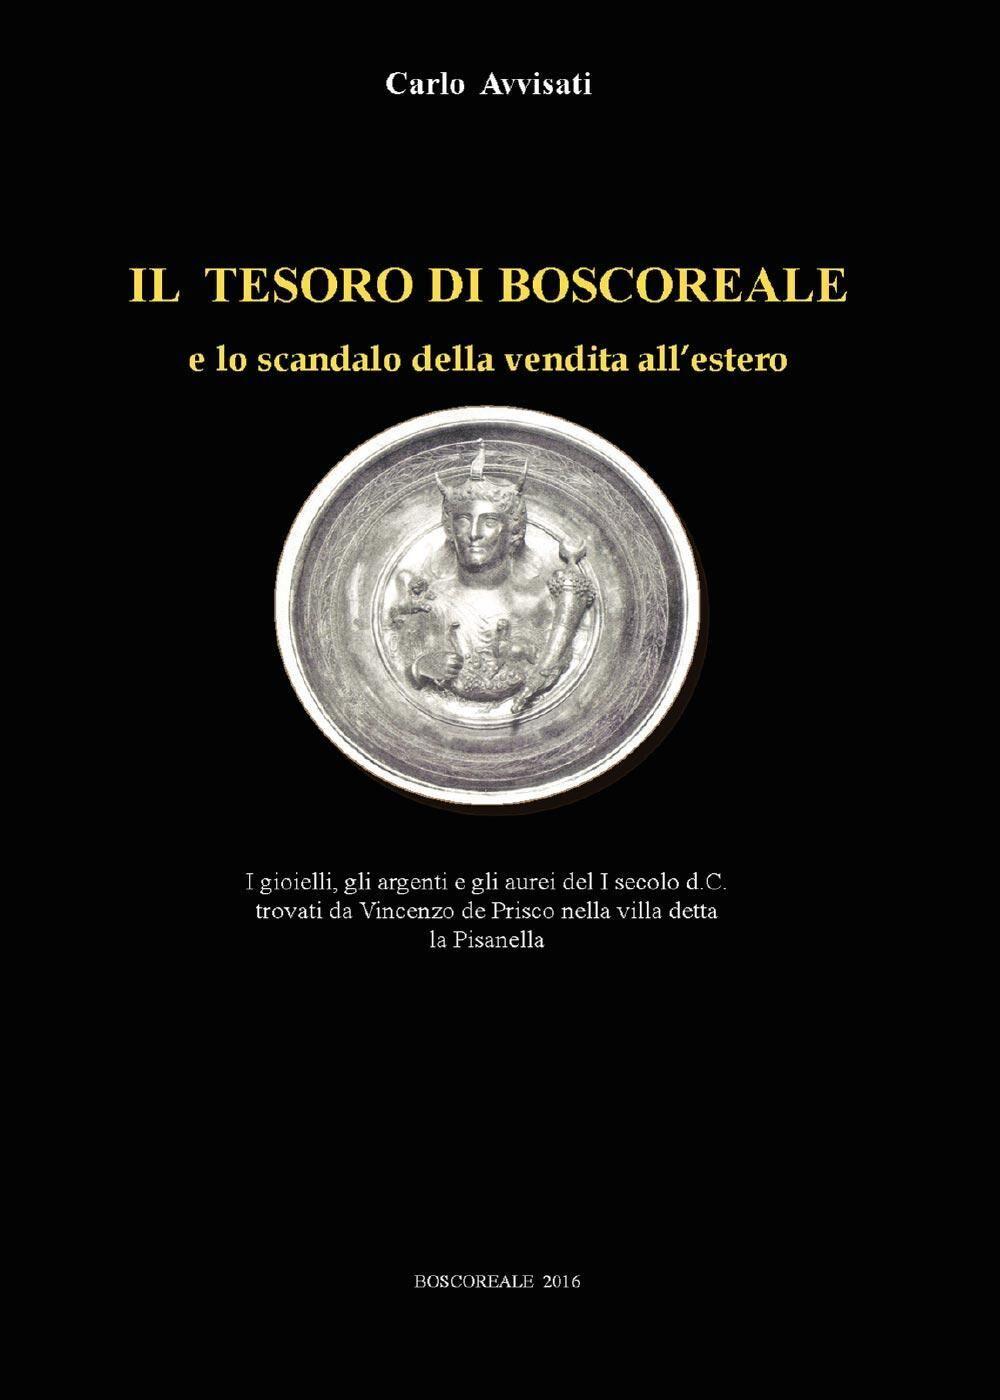 Il tesoro di Boscoreale e lo scandalo della vendita all'estero